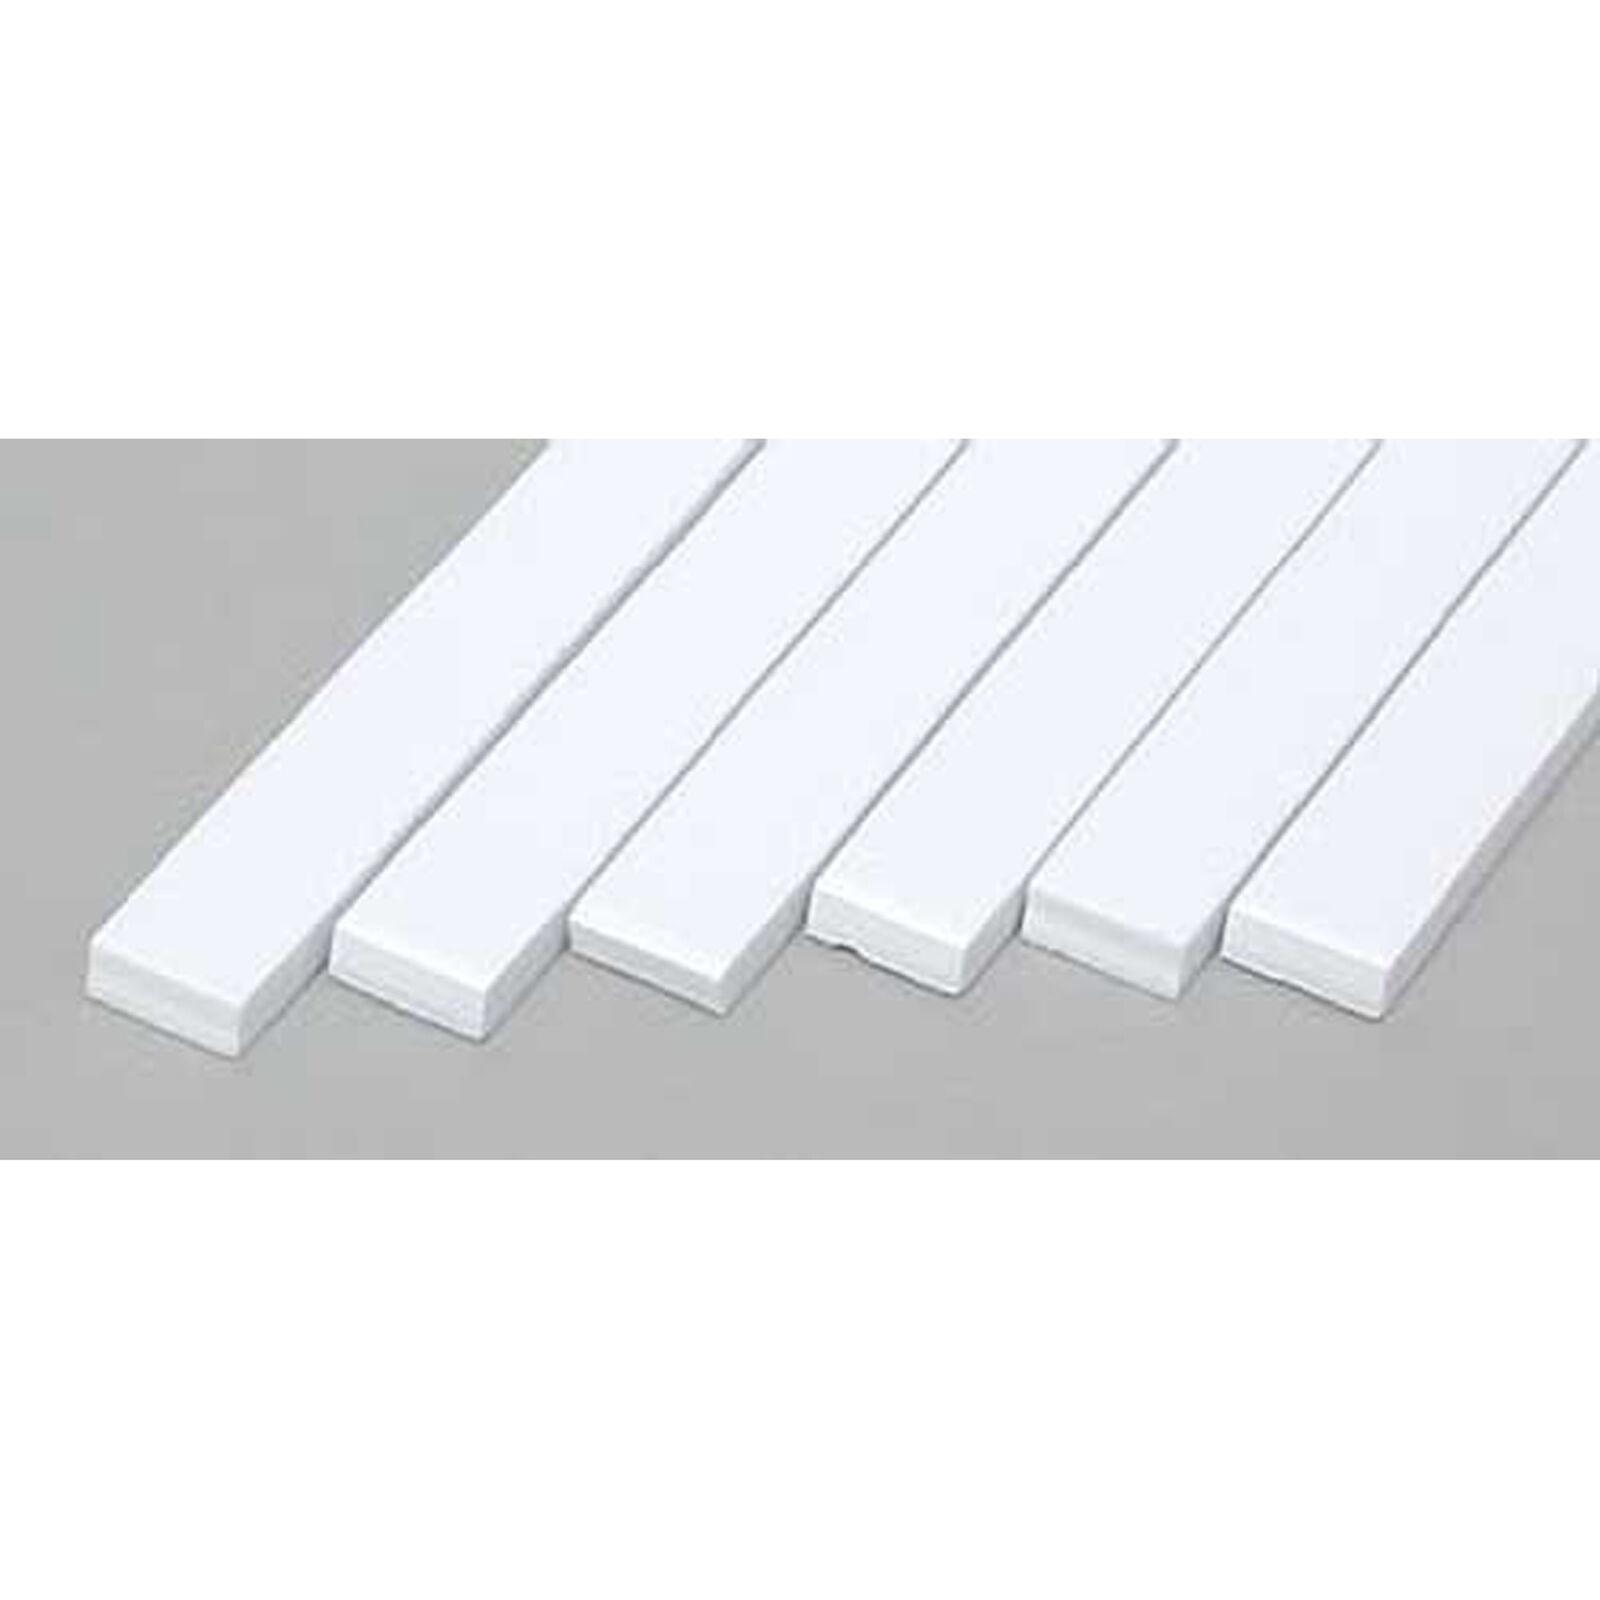 Strip .100 x .250 (6)